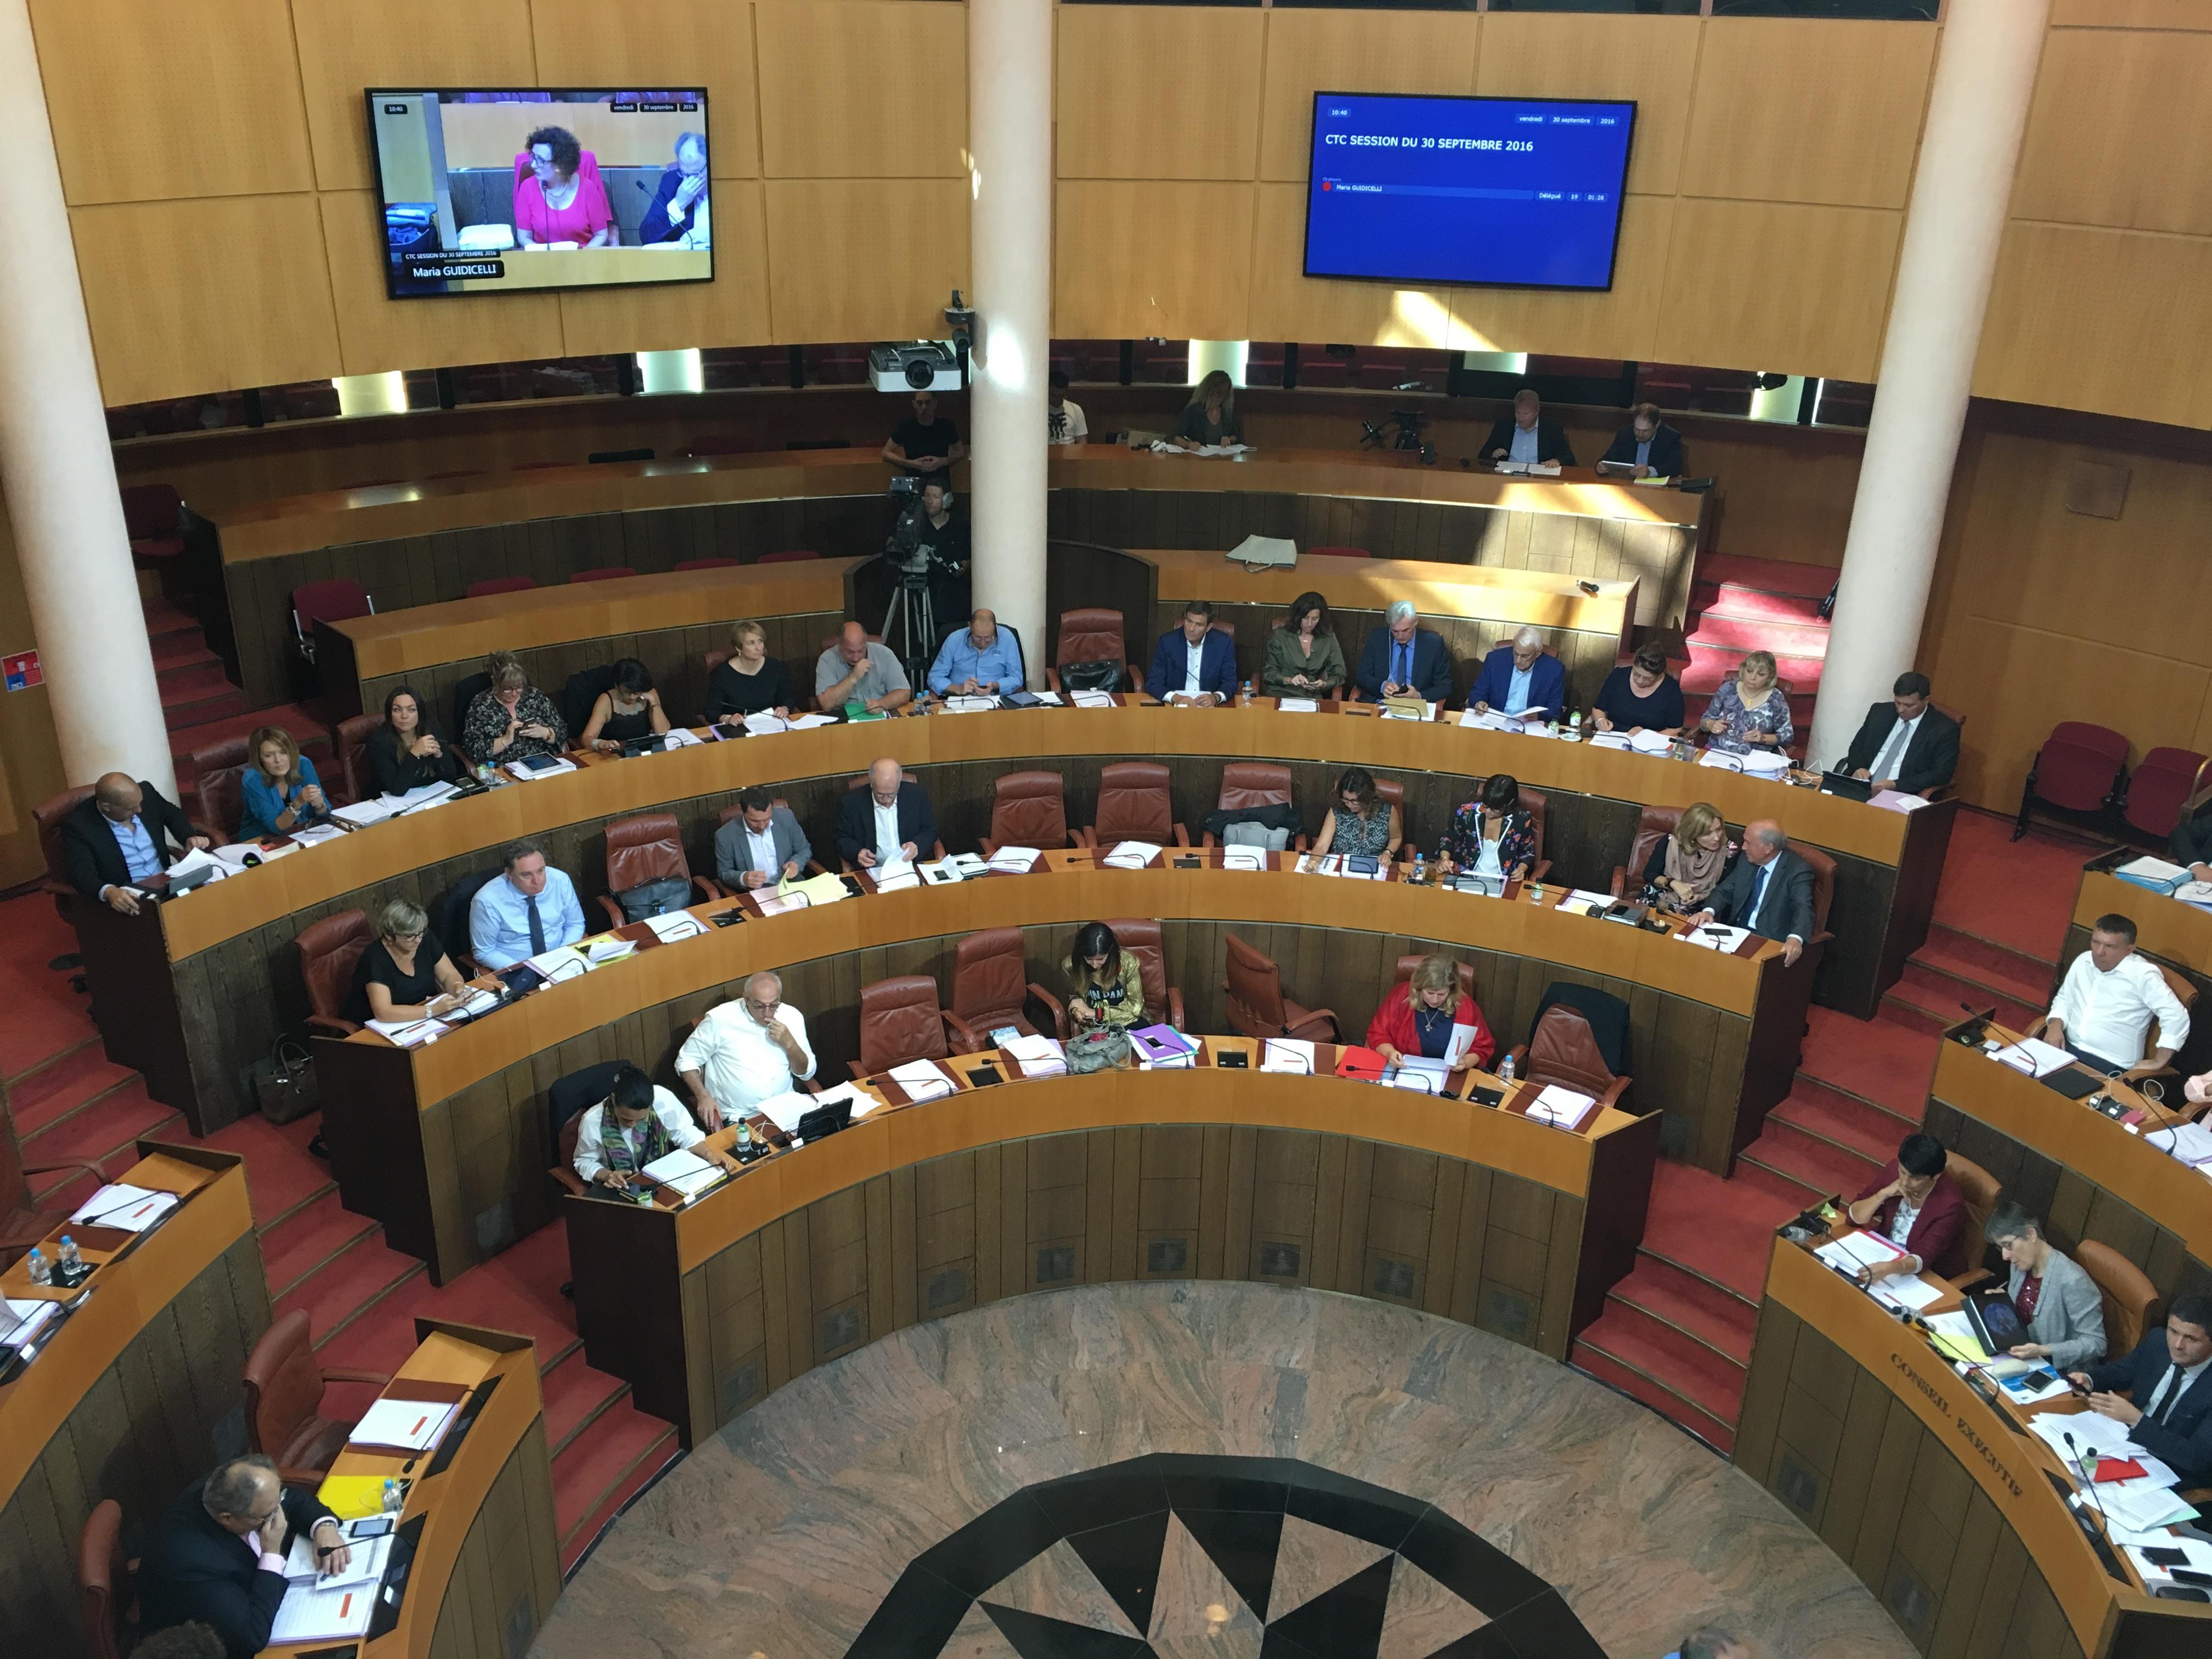 Transports, gaz naturel et PADDUC en questions à l'Assemblée